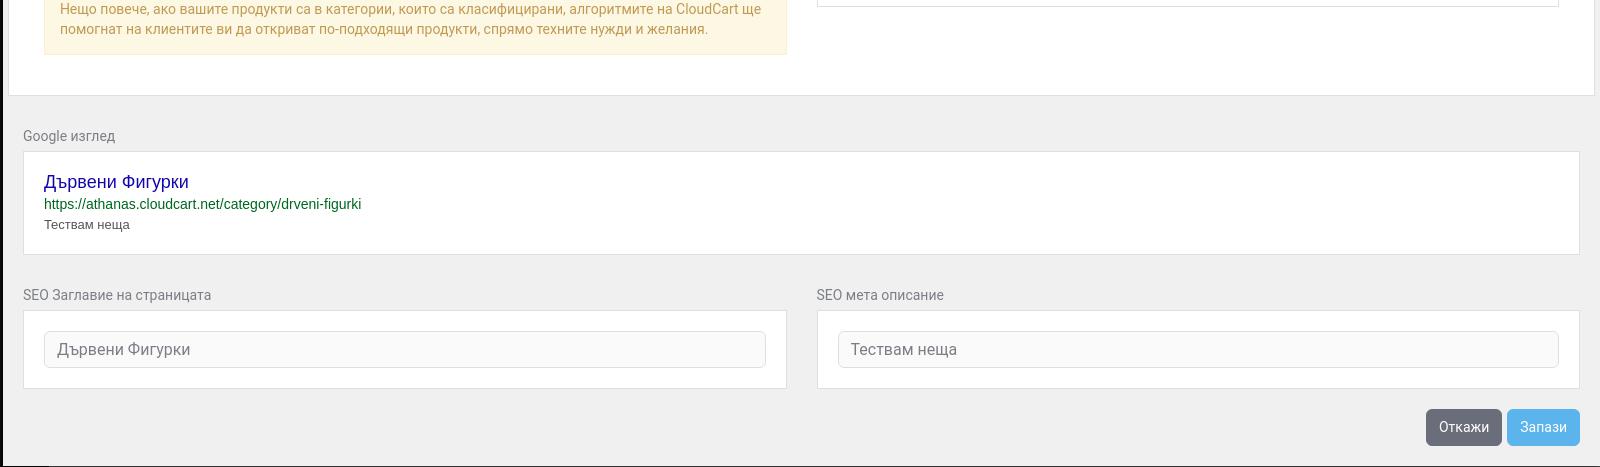 Панел за въвеждане на SEO оптимизиран текст